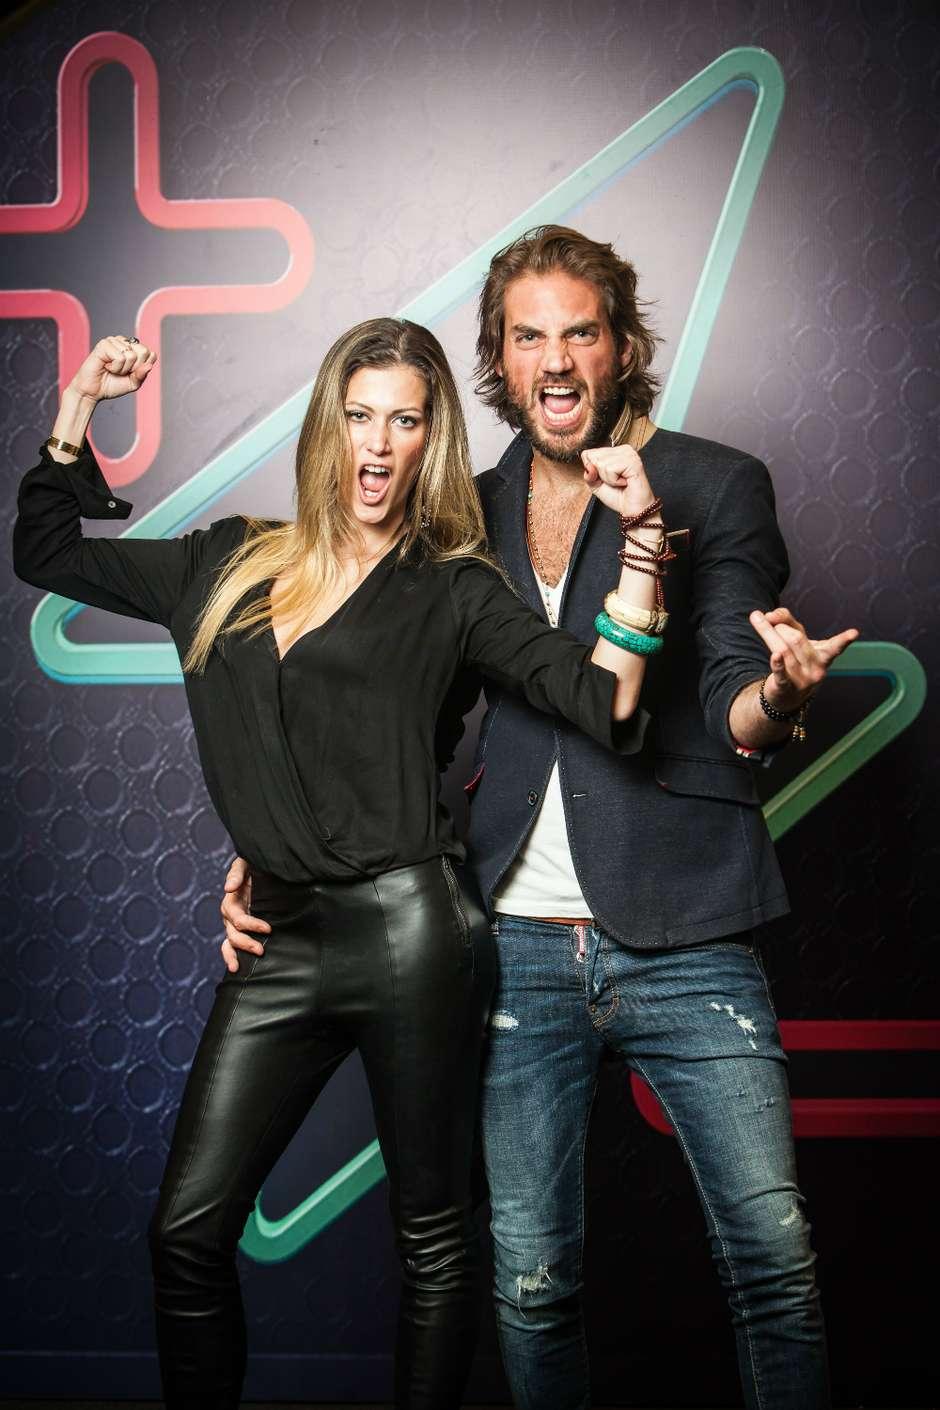 d00d9e9354e Roberto Justus comandará reality show com casais famosos